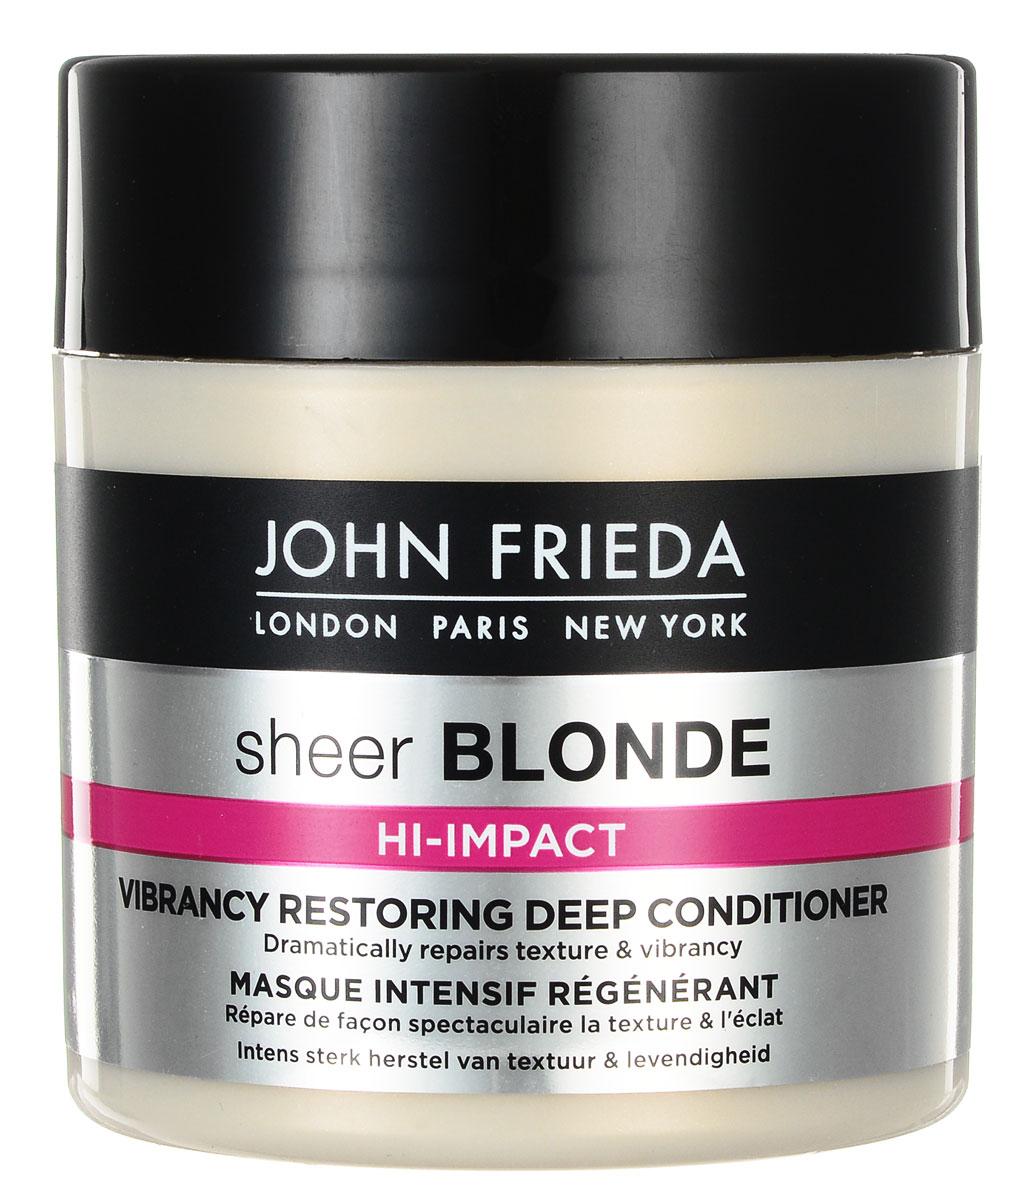 John Frieda Маска для восстановления сильно поврежденных волос Sheer Blonde Hi-Impact, 150 мл2274401_черный, молочныйМаска Sheer Blonde Hi-Impact от John Frieda интенсивно восстанавливает поврежденную структуру светлых волос. Это великолепный помощник в уходе за сильно ослабленными волосами. Благодаря уникальным компонентам, входящим в состав, она увлажняет кожу головы, питает и восстанавливает повреждённые после окрашивания волосы, придаёт им жизненную силу, предотвращает ломкость. При регулярном использовании локоны становятся более послушными, легче расчёсываются. Подарите своим волосам здоровый и сияющий вид. Товар сертифицирован.